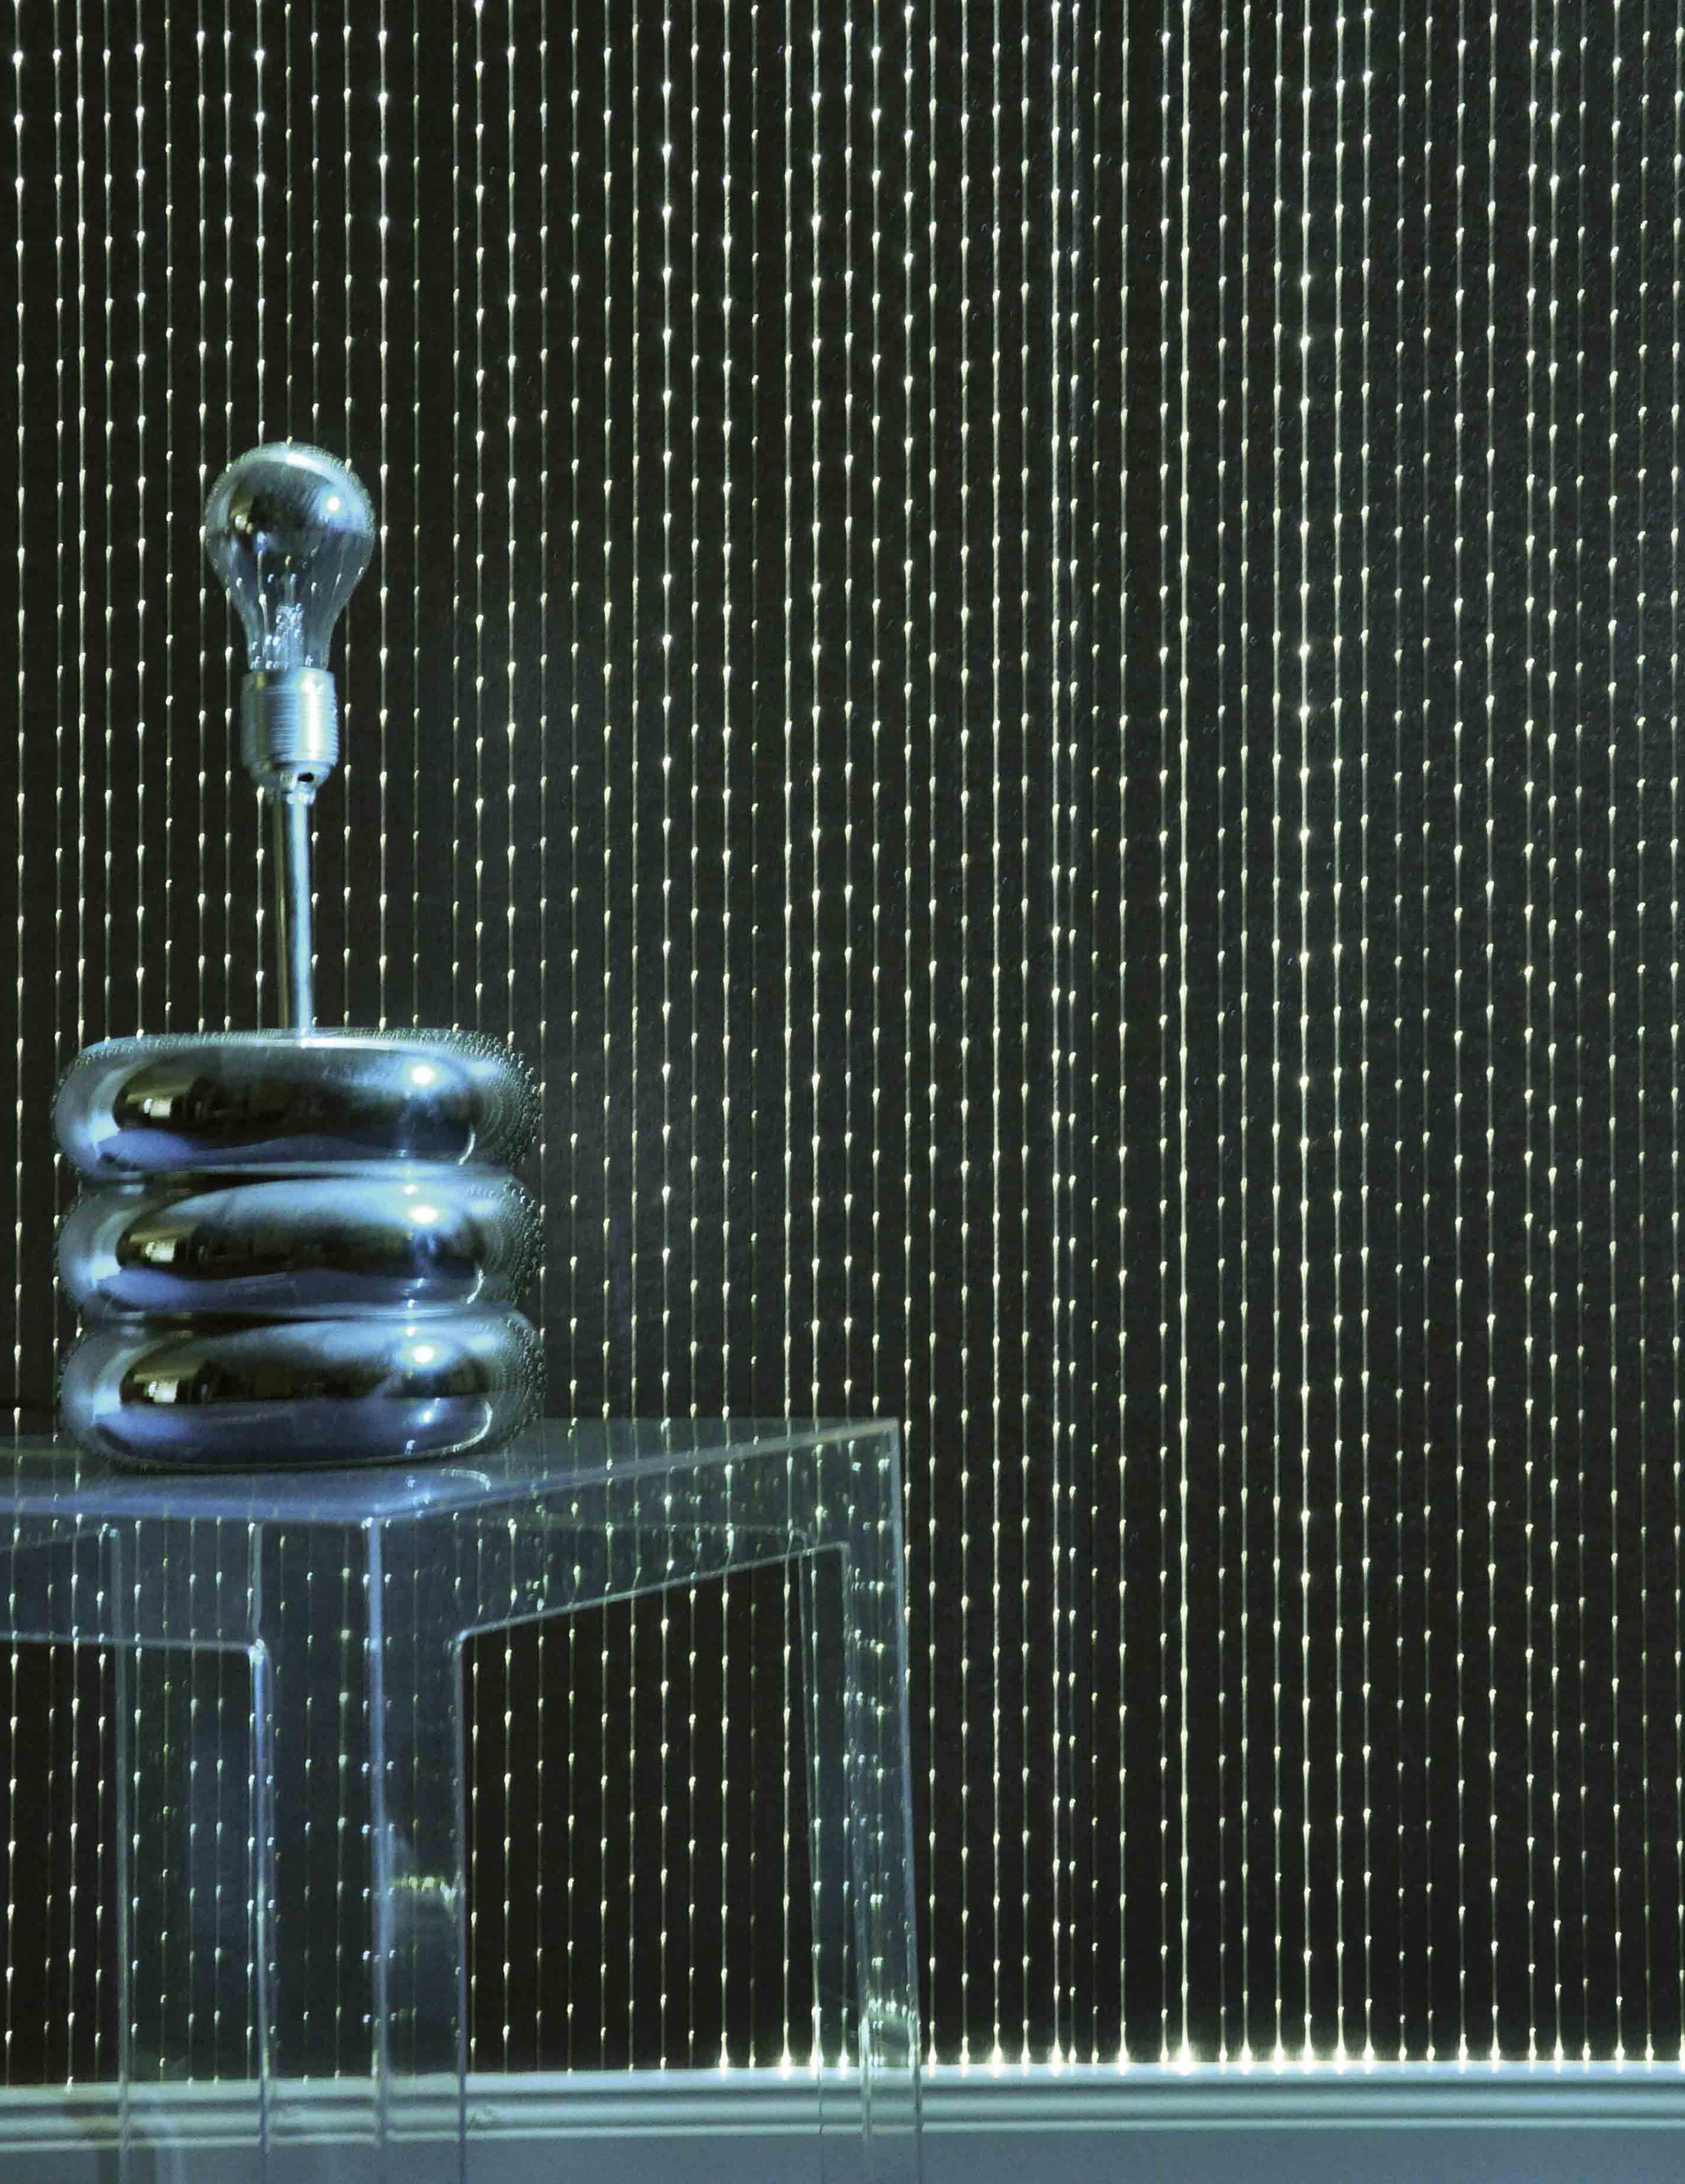 LED-Wallpaper7